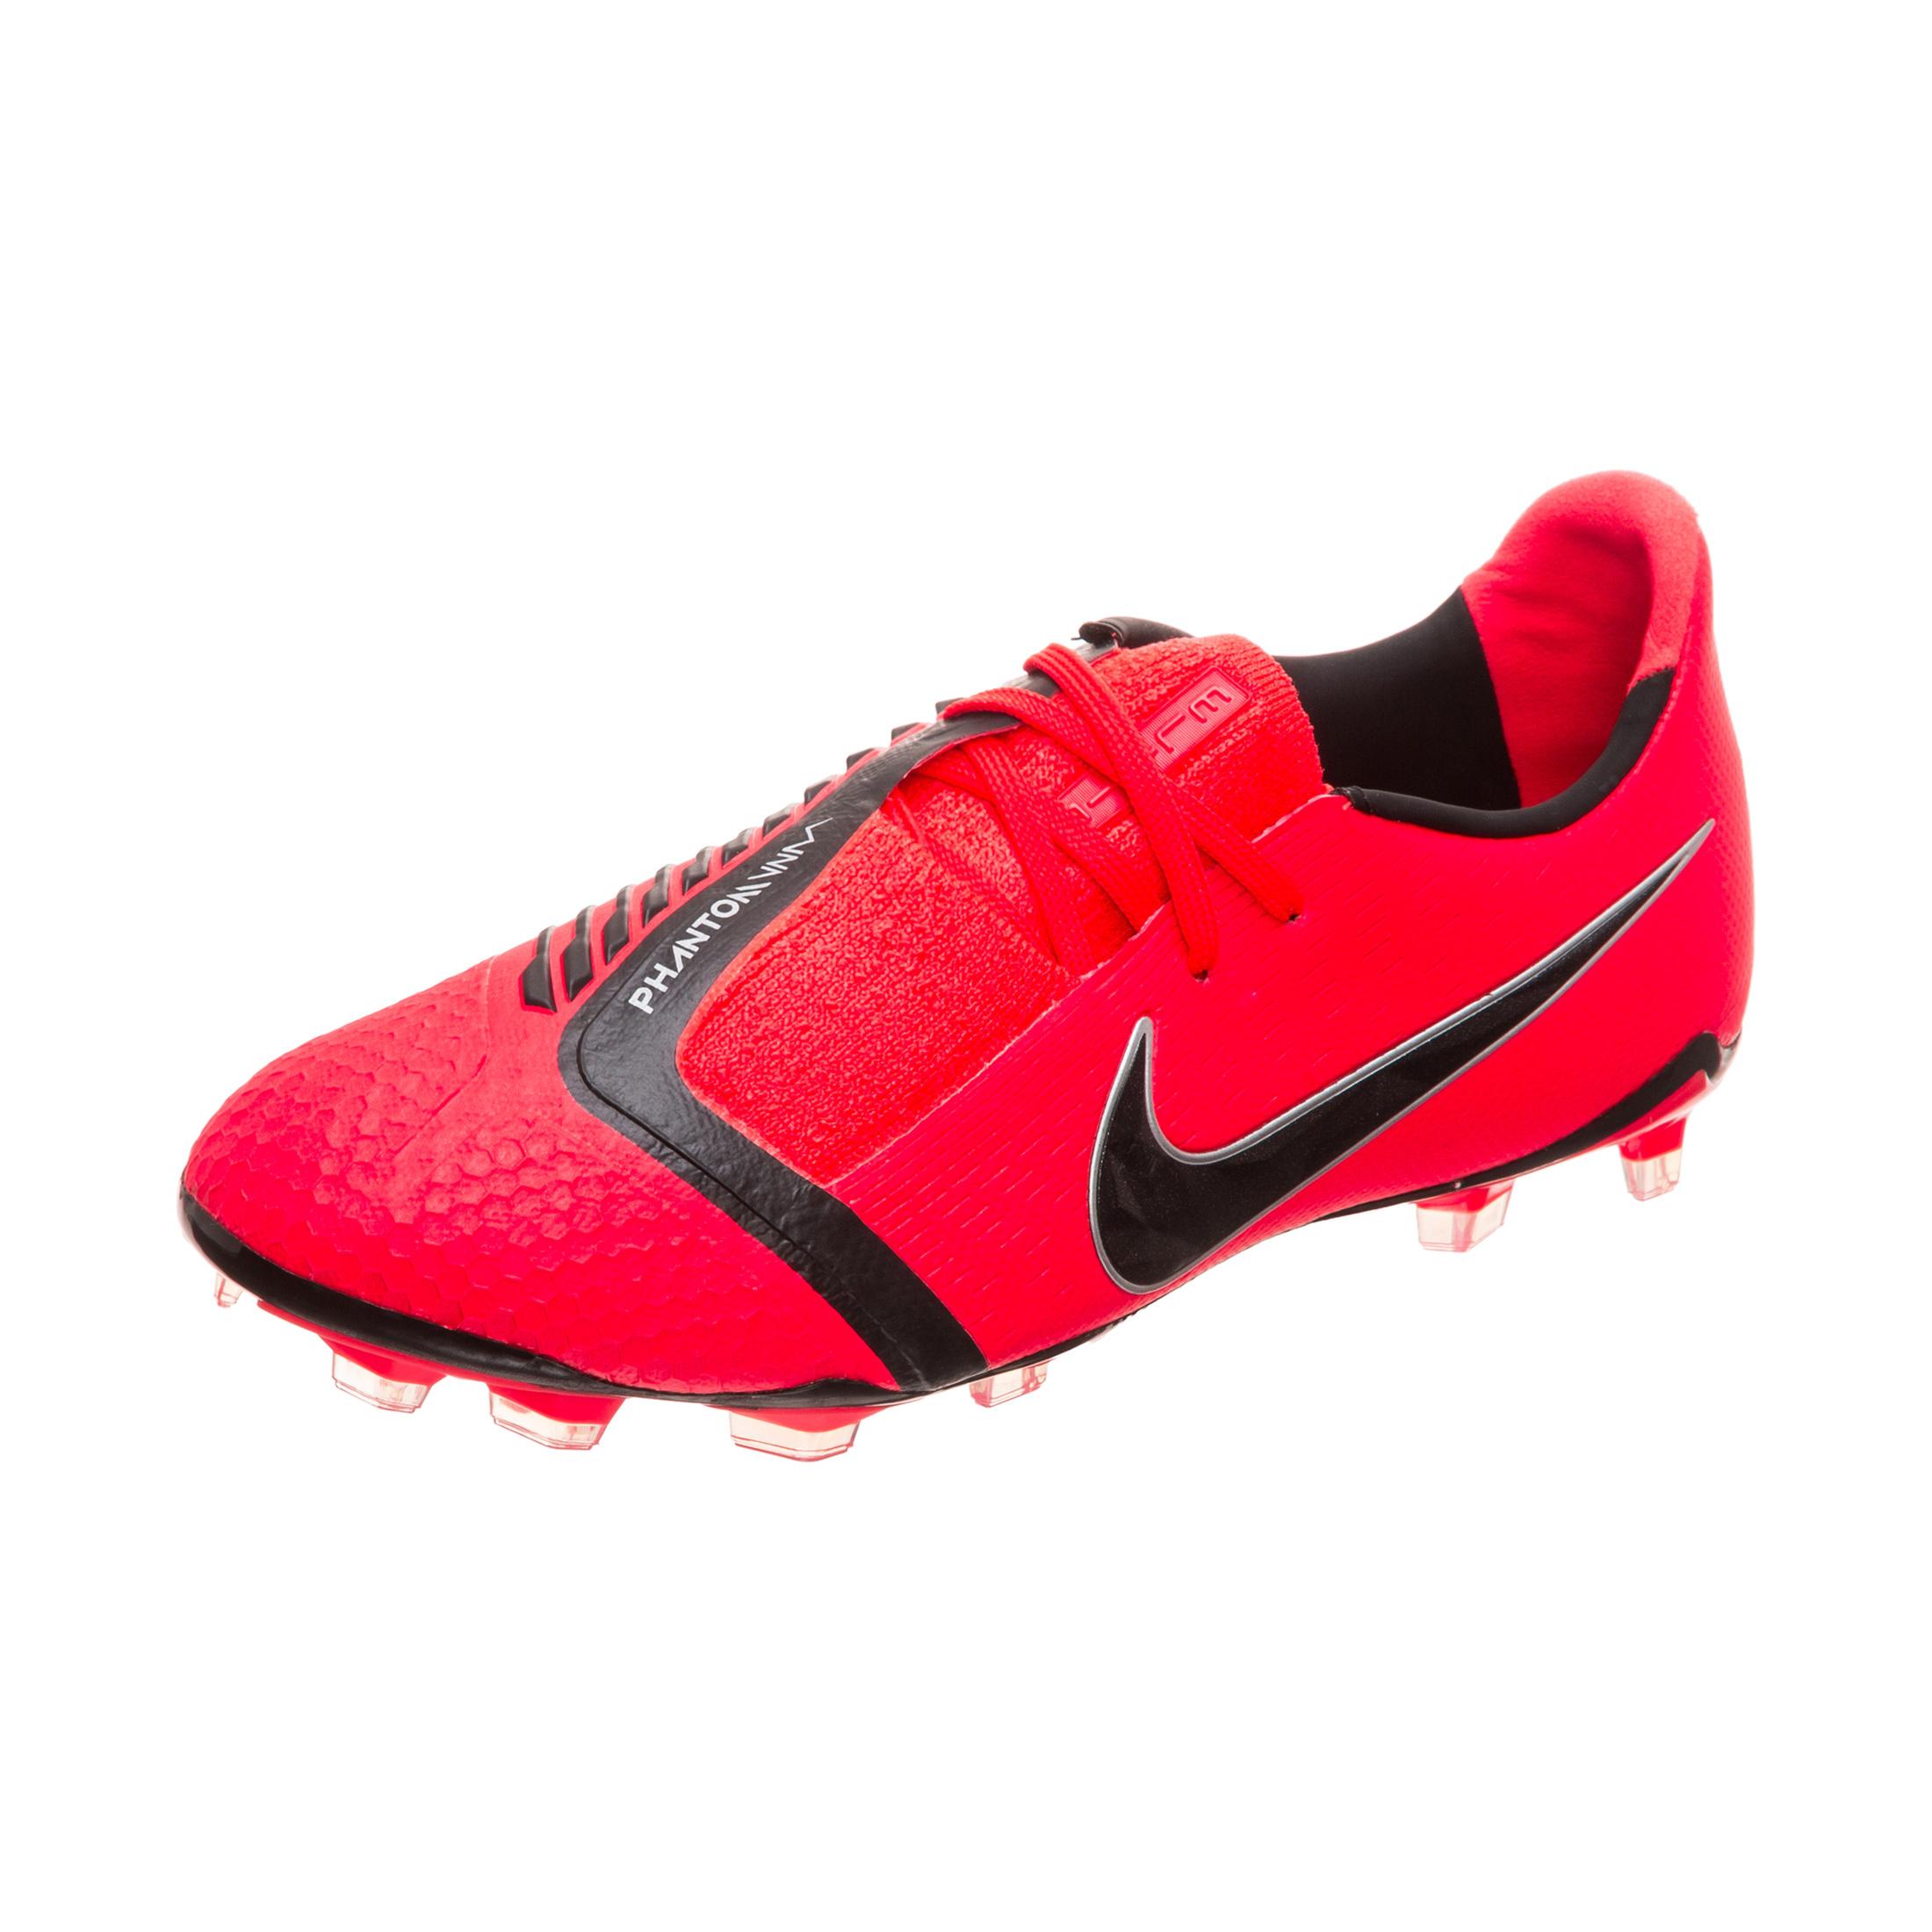 finest selection c8d51 d6e7f Kids  Football Boots   Cheap Football Boots for kids   Boys   Girls